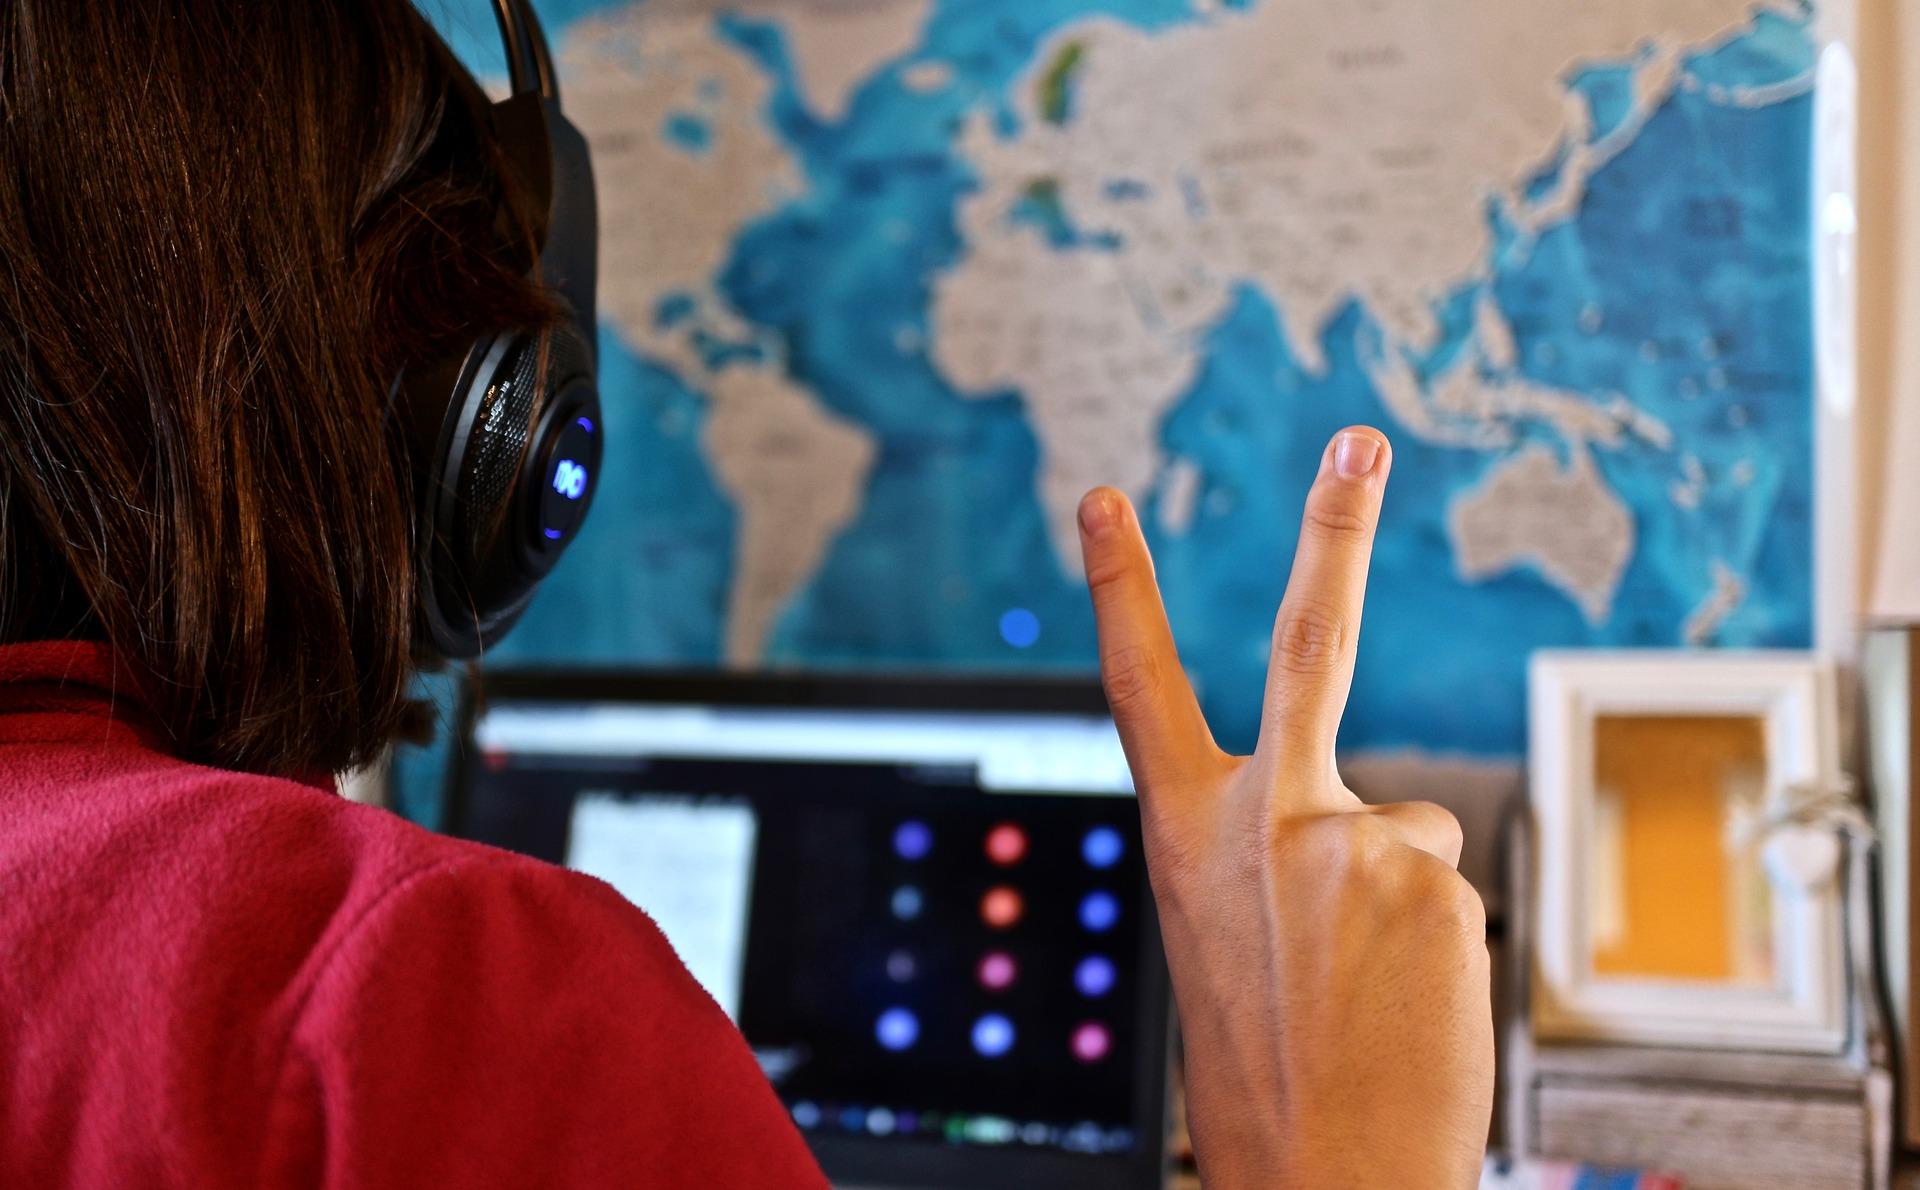 Metodi digitali e scienze umanistiche: una nuova didattica